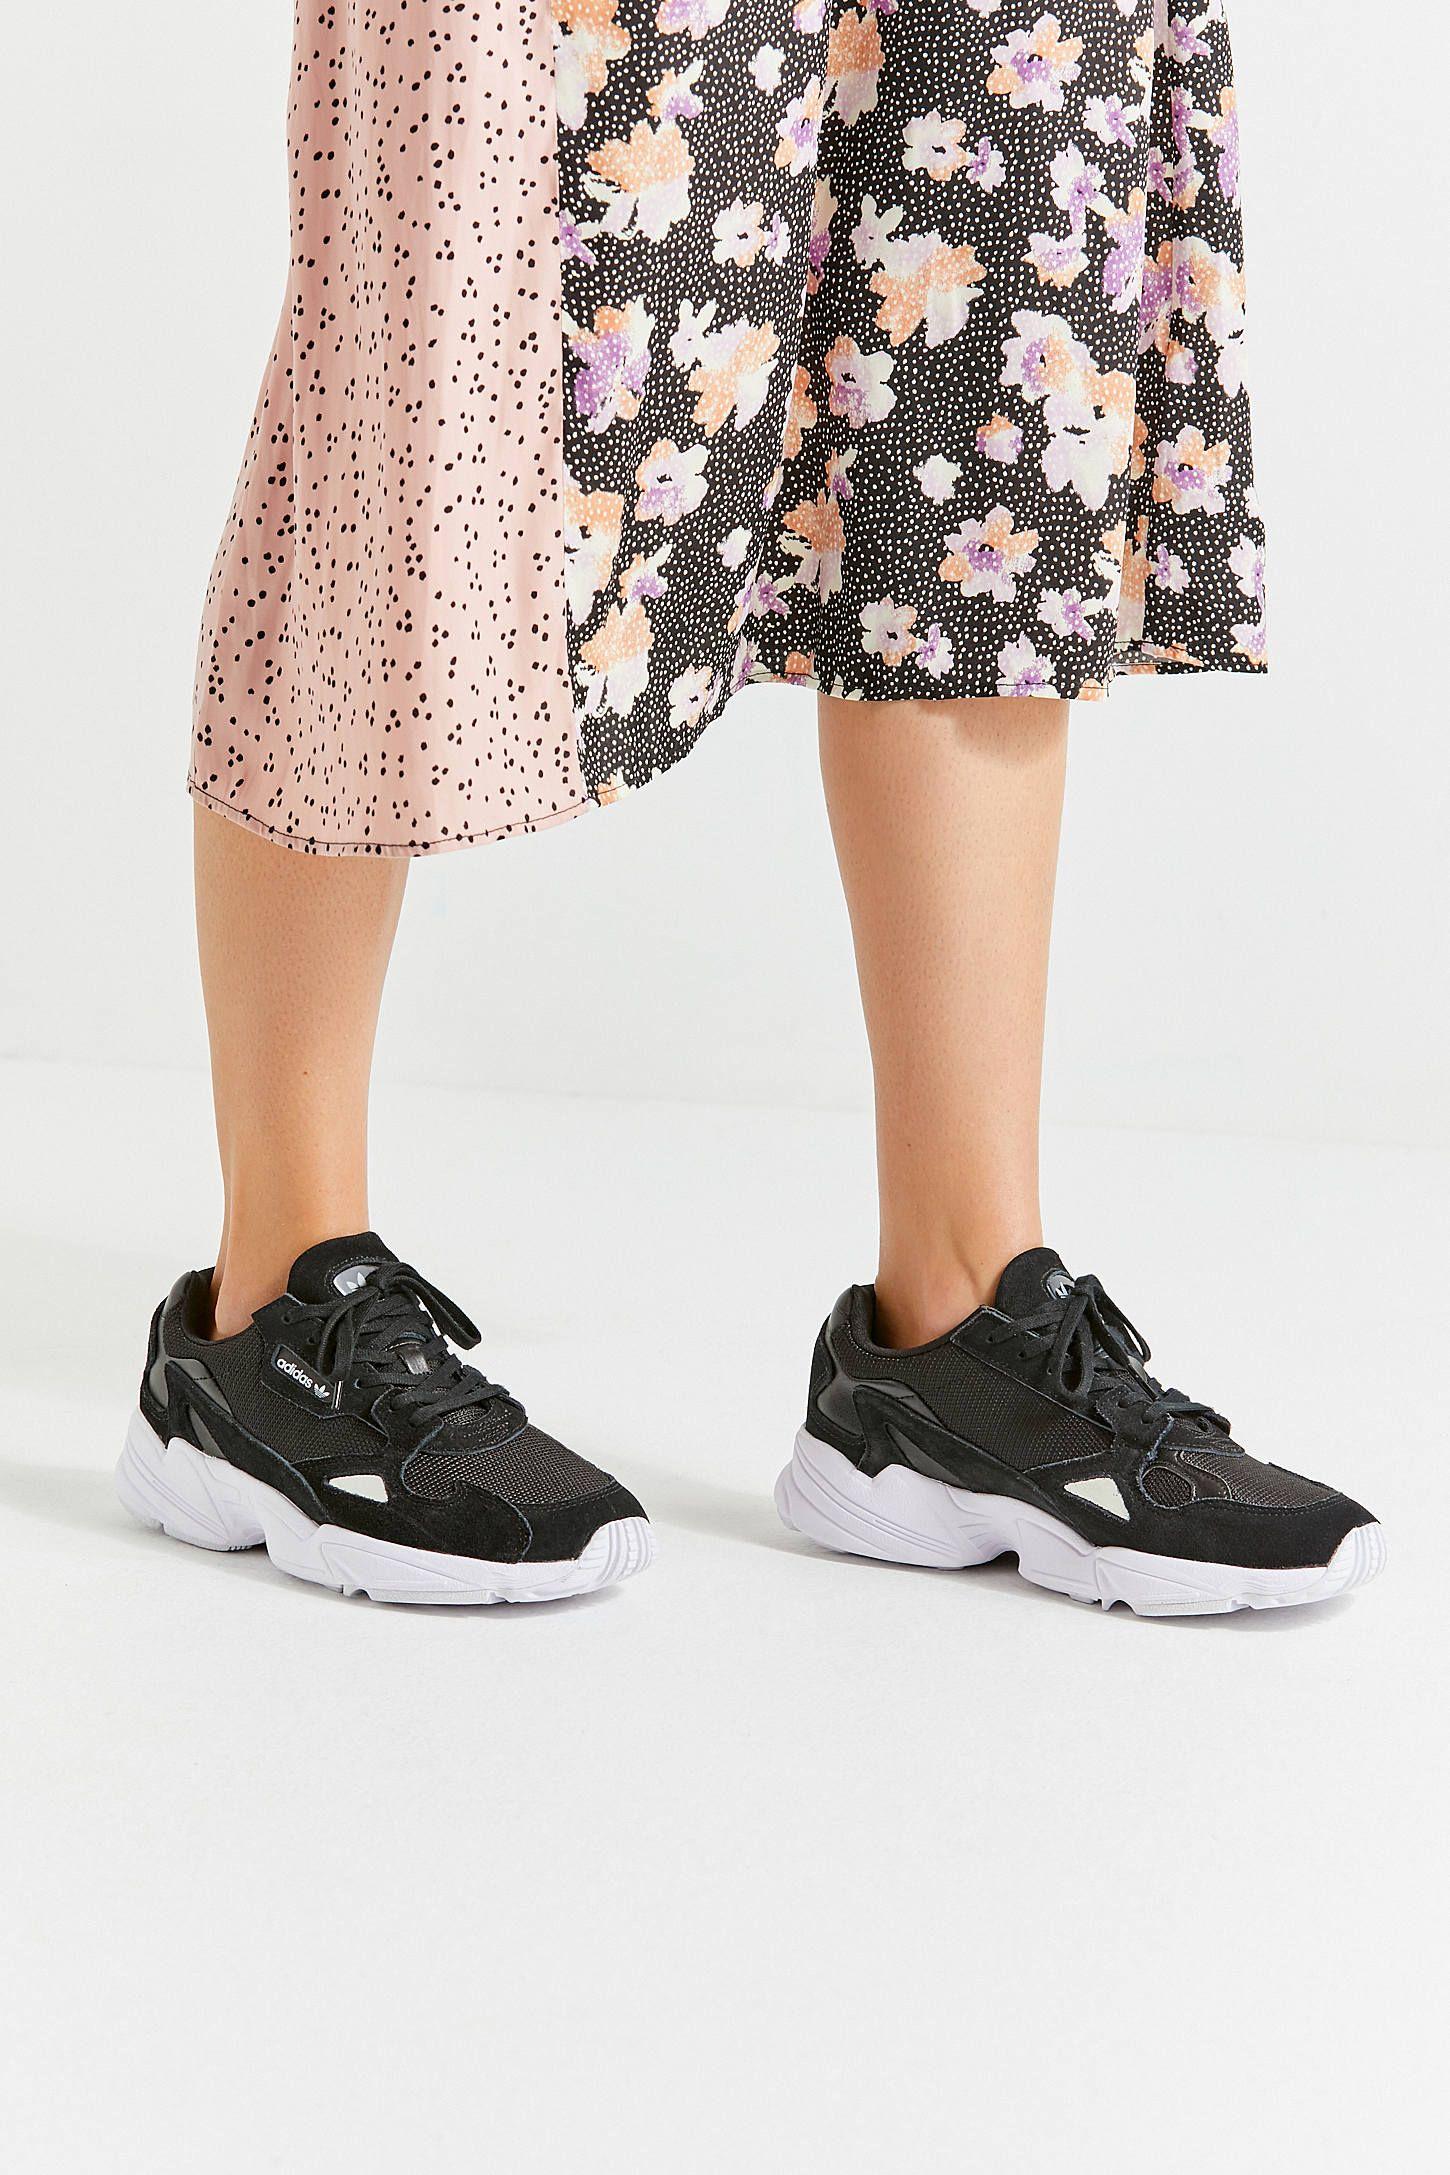 adidas Originals Falcon Sneaker